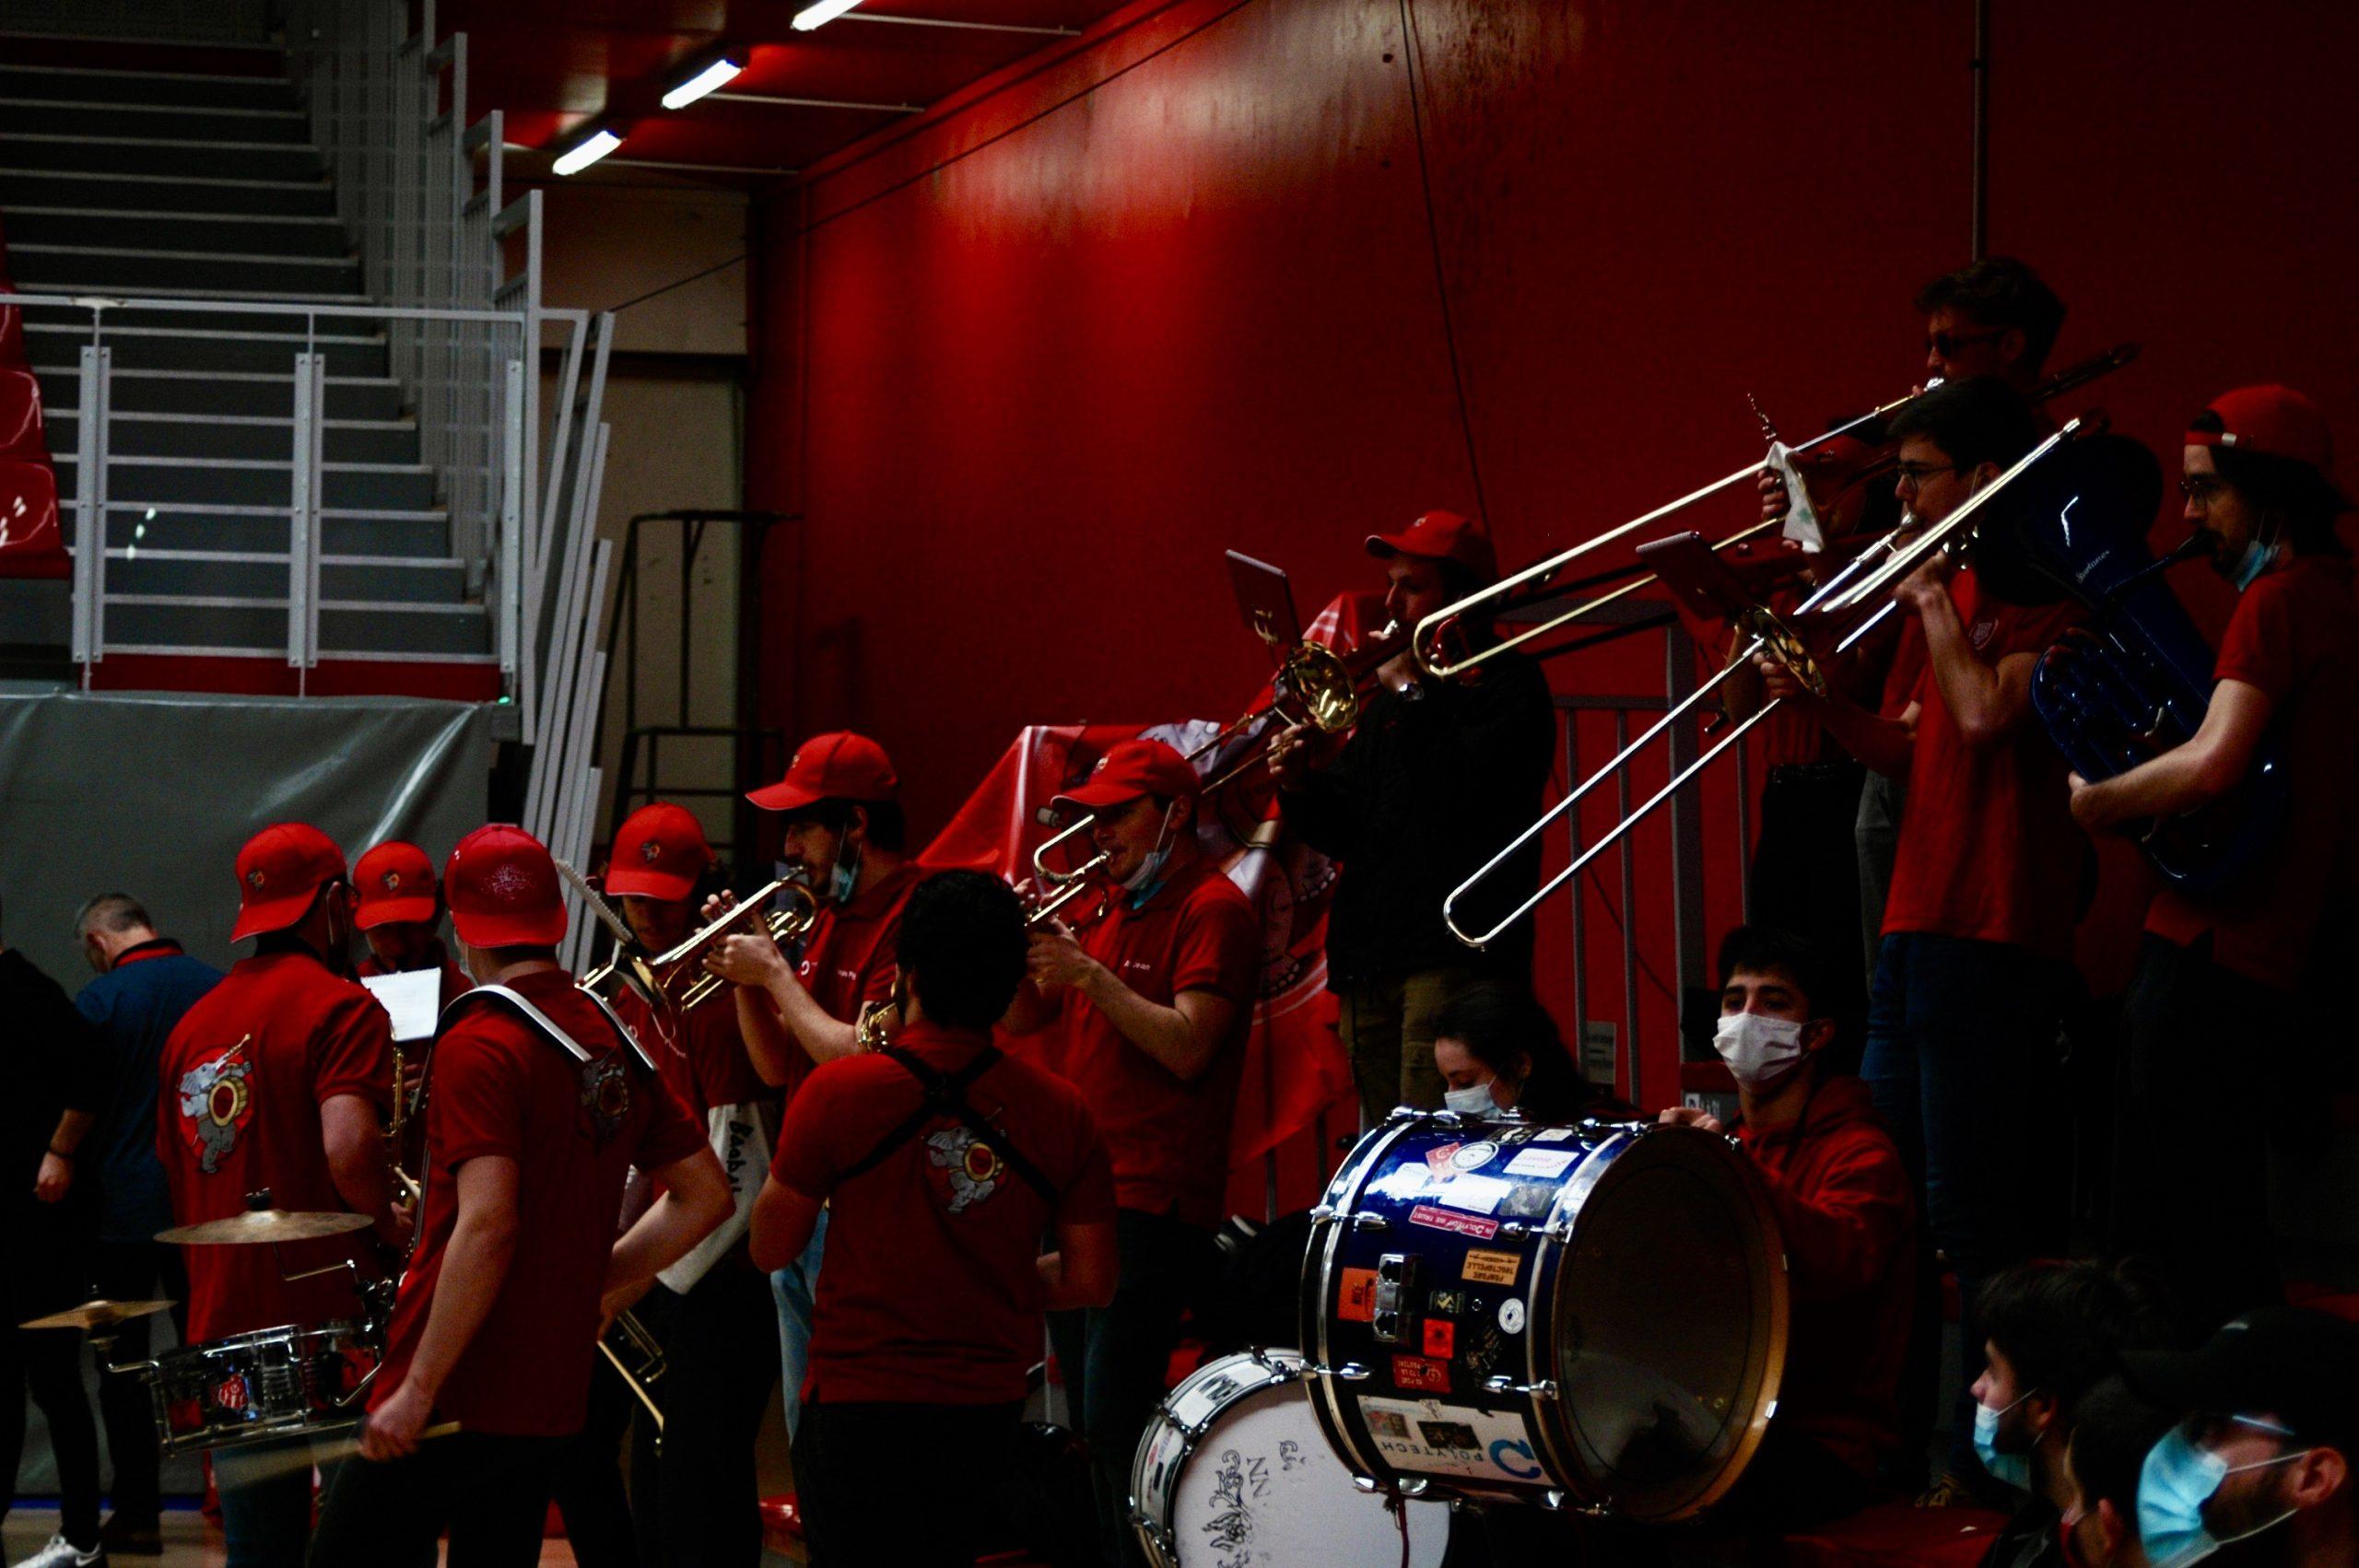 La fanfare donne le ton en tribune. © Armand Bécasse / Pépère News